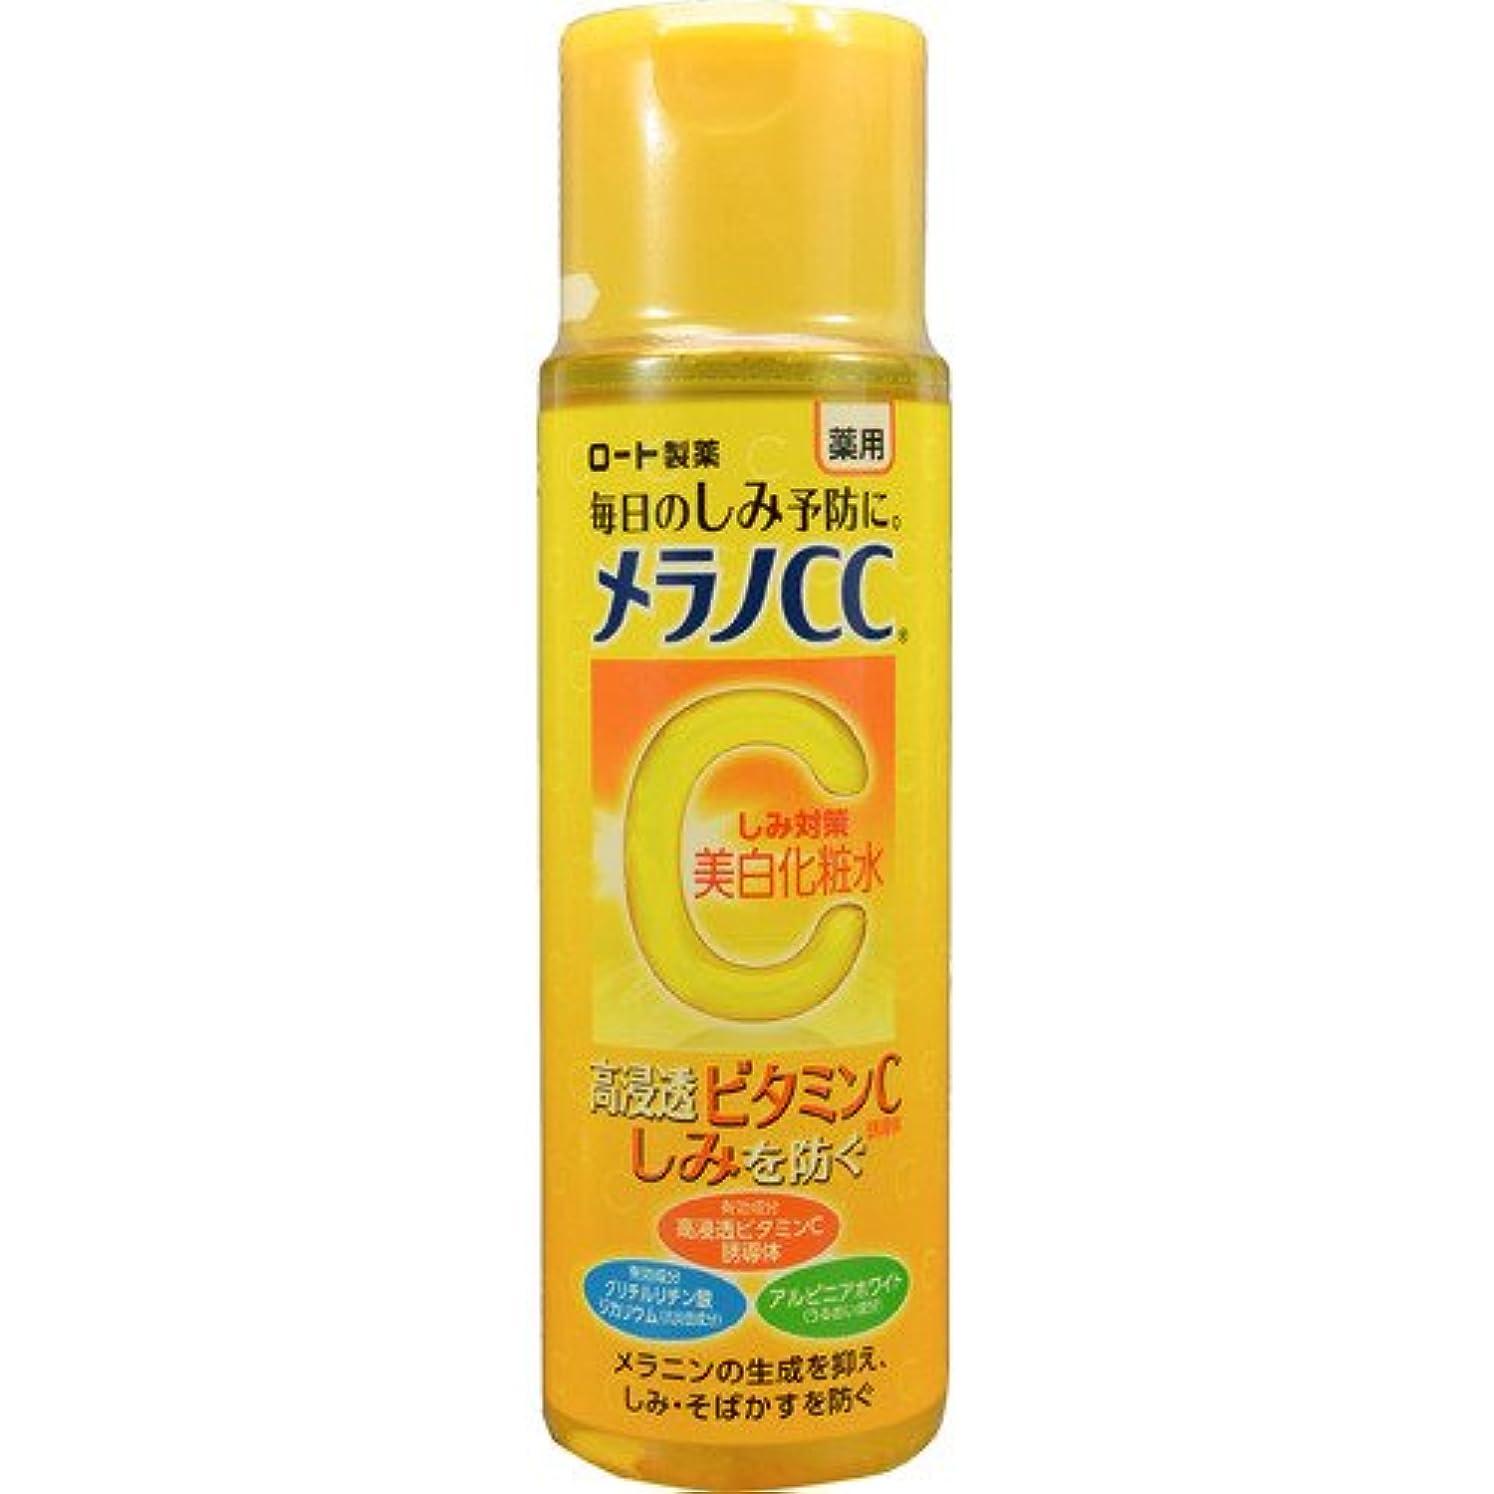 ビスケットポップ引き出しメラノCC 薬用しみ対策美白化粧水 × 3個セット